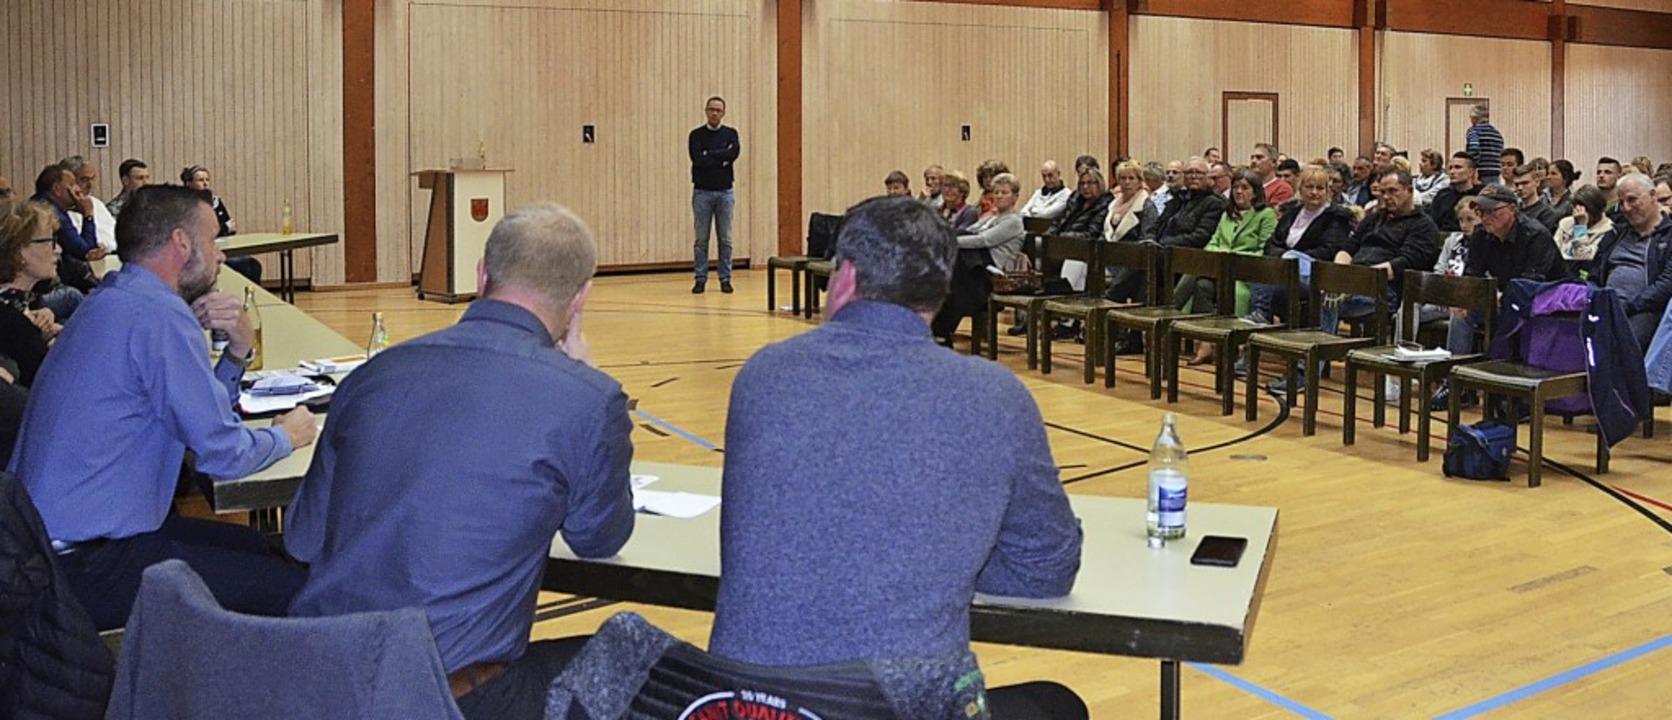 Groß war das Interesse an der Kandidat...r Bewerber um ein Gemeinderatsmandat.   | Foto: Christiane Sahli